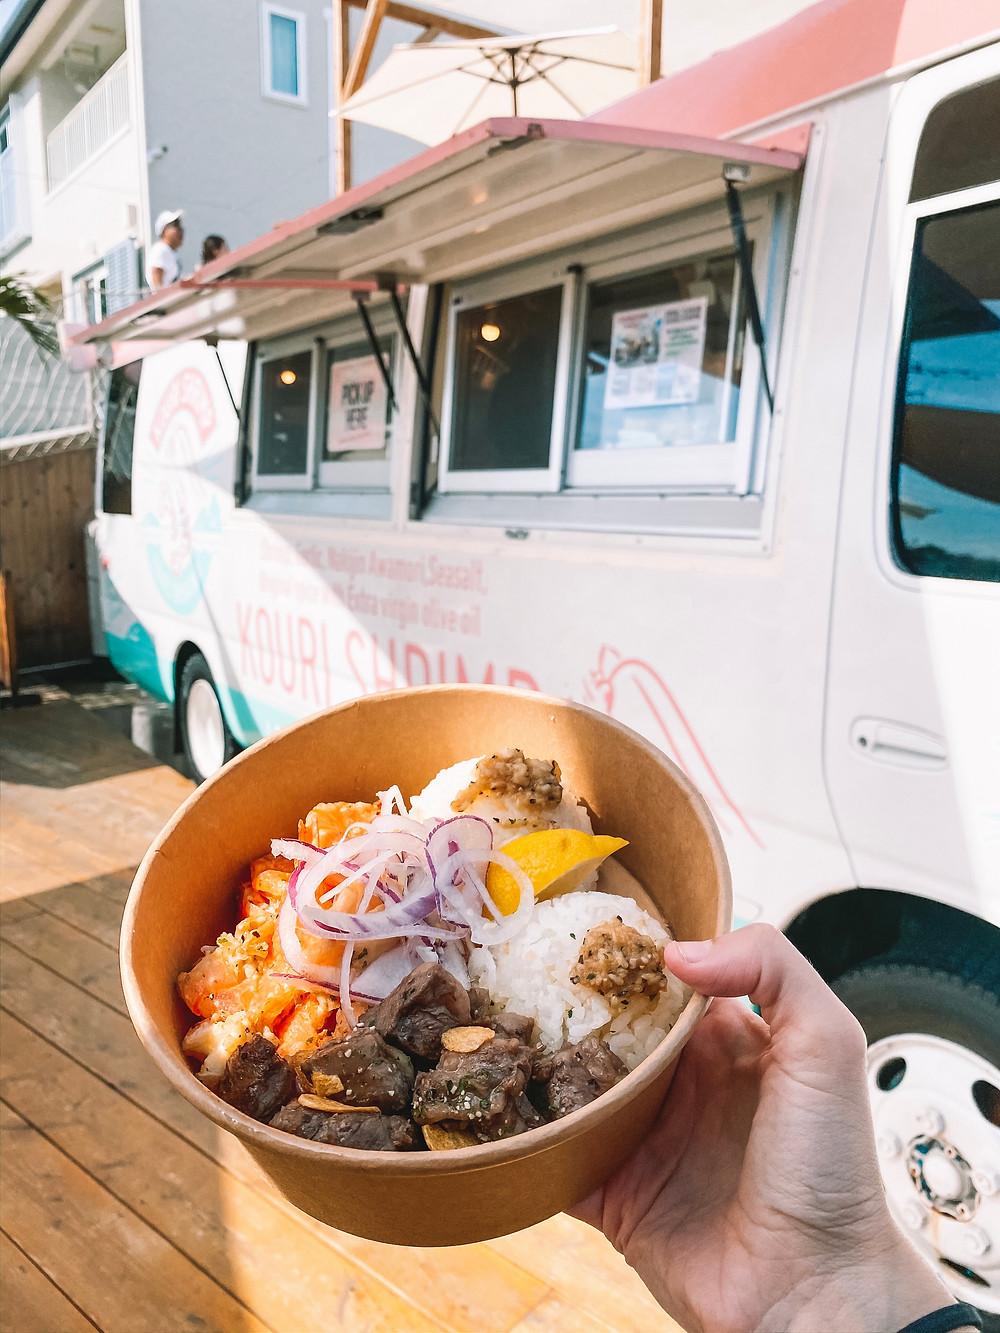 Kouri Shrimp Kouri Island Okinawa food